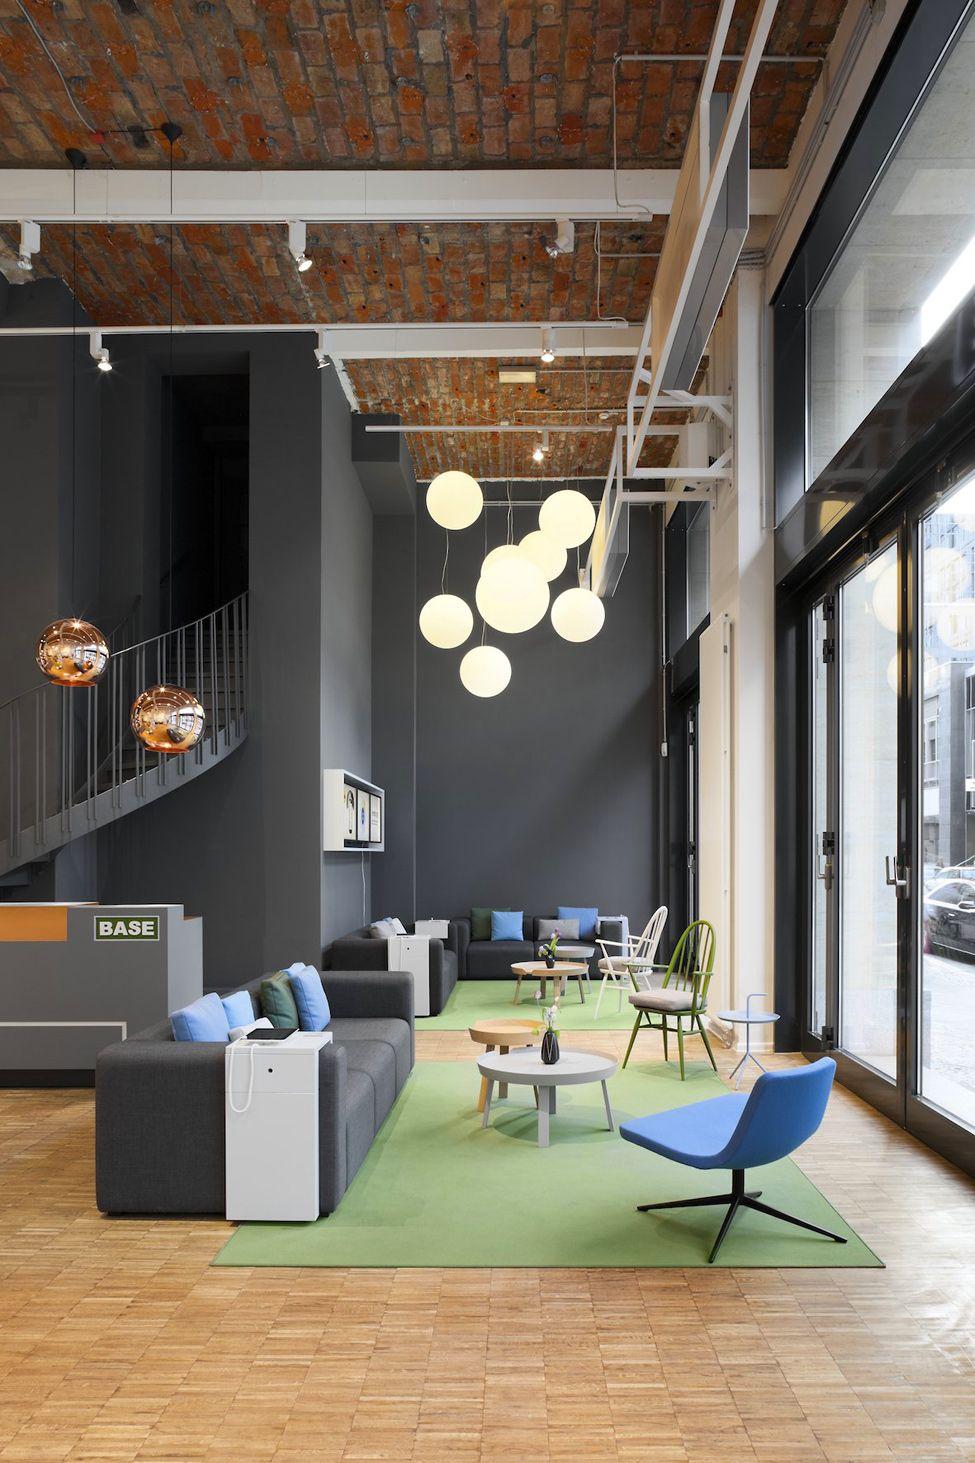 Telecommunication Room Design: Проект BASE_camp в Берлине от Nest One — HQROOM